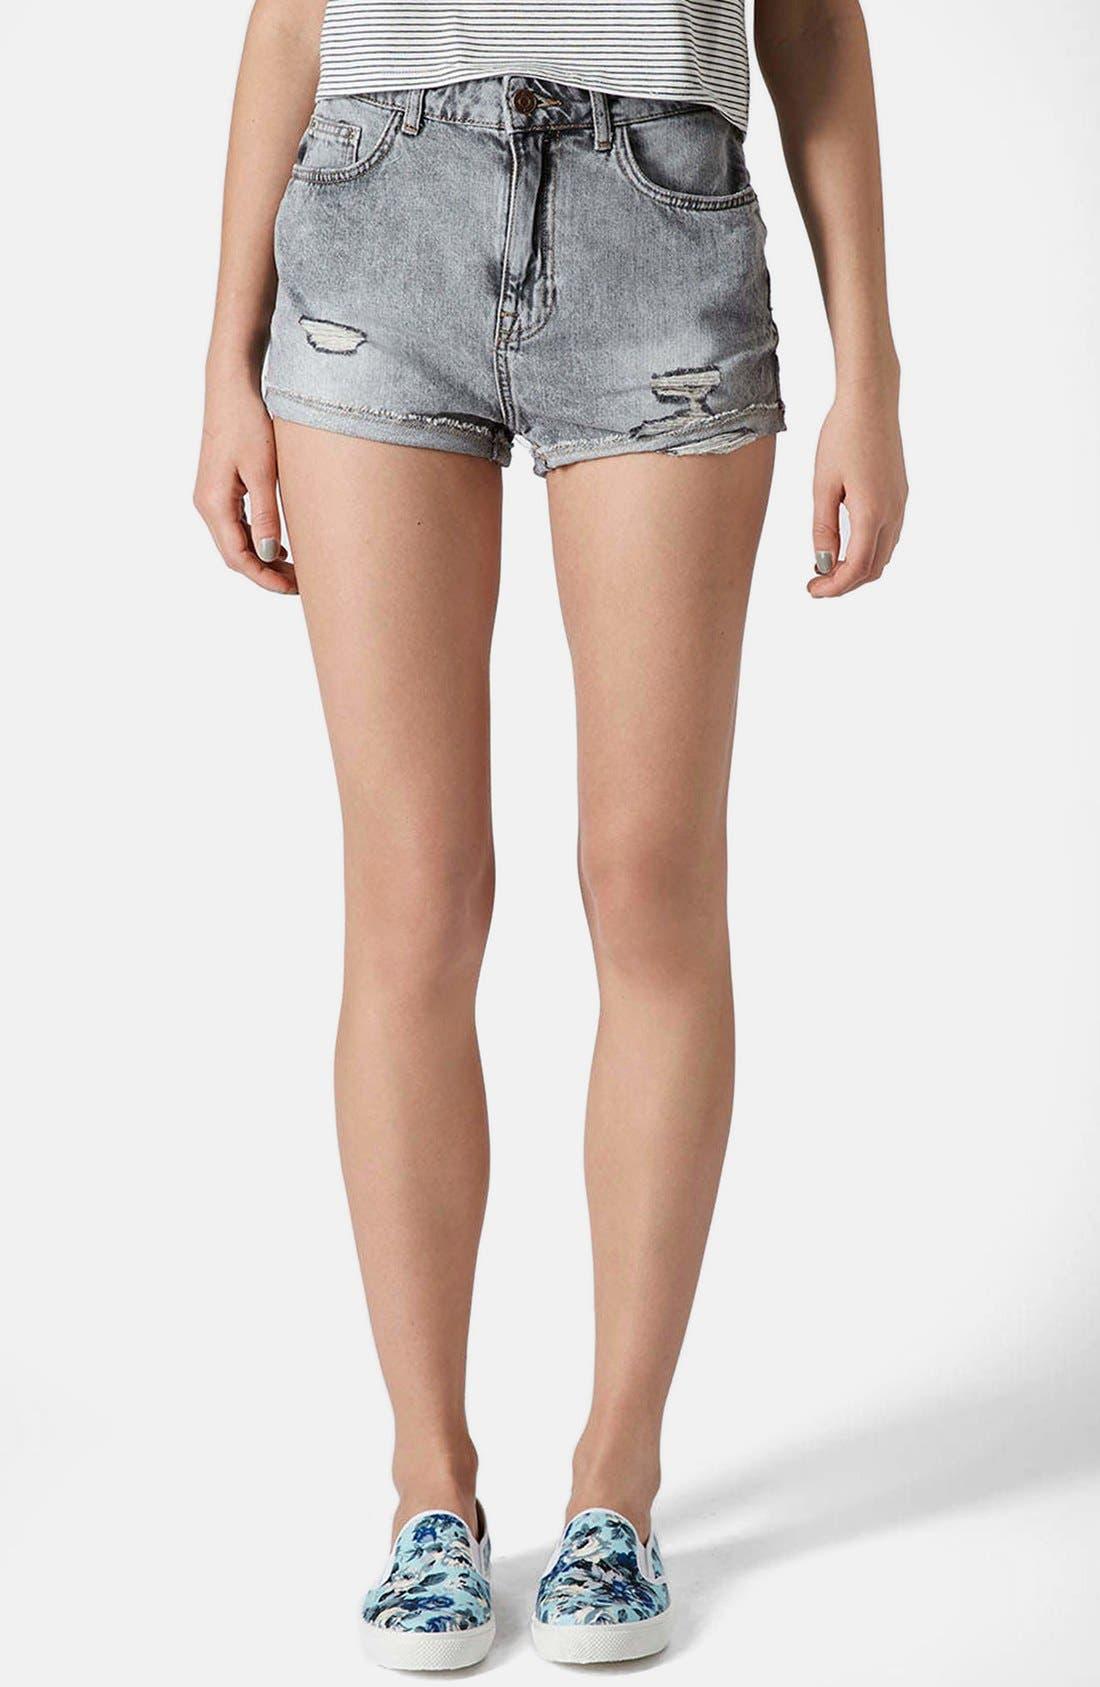 Alternate Image 1 Selected - Topshop Moto 'Hallie' High Rise Acid Wash Denim Shorts (Black)